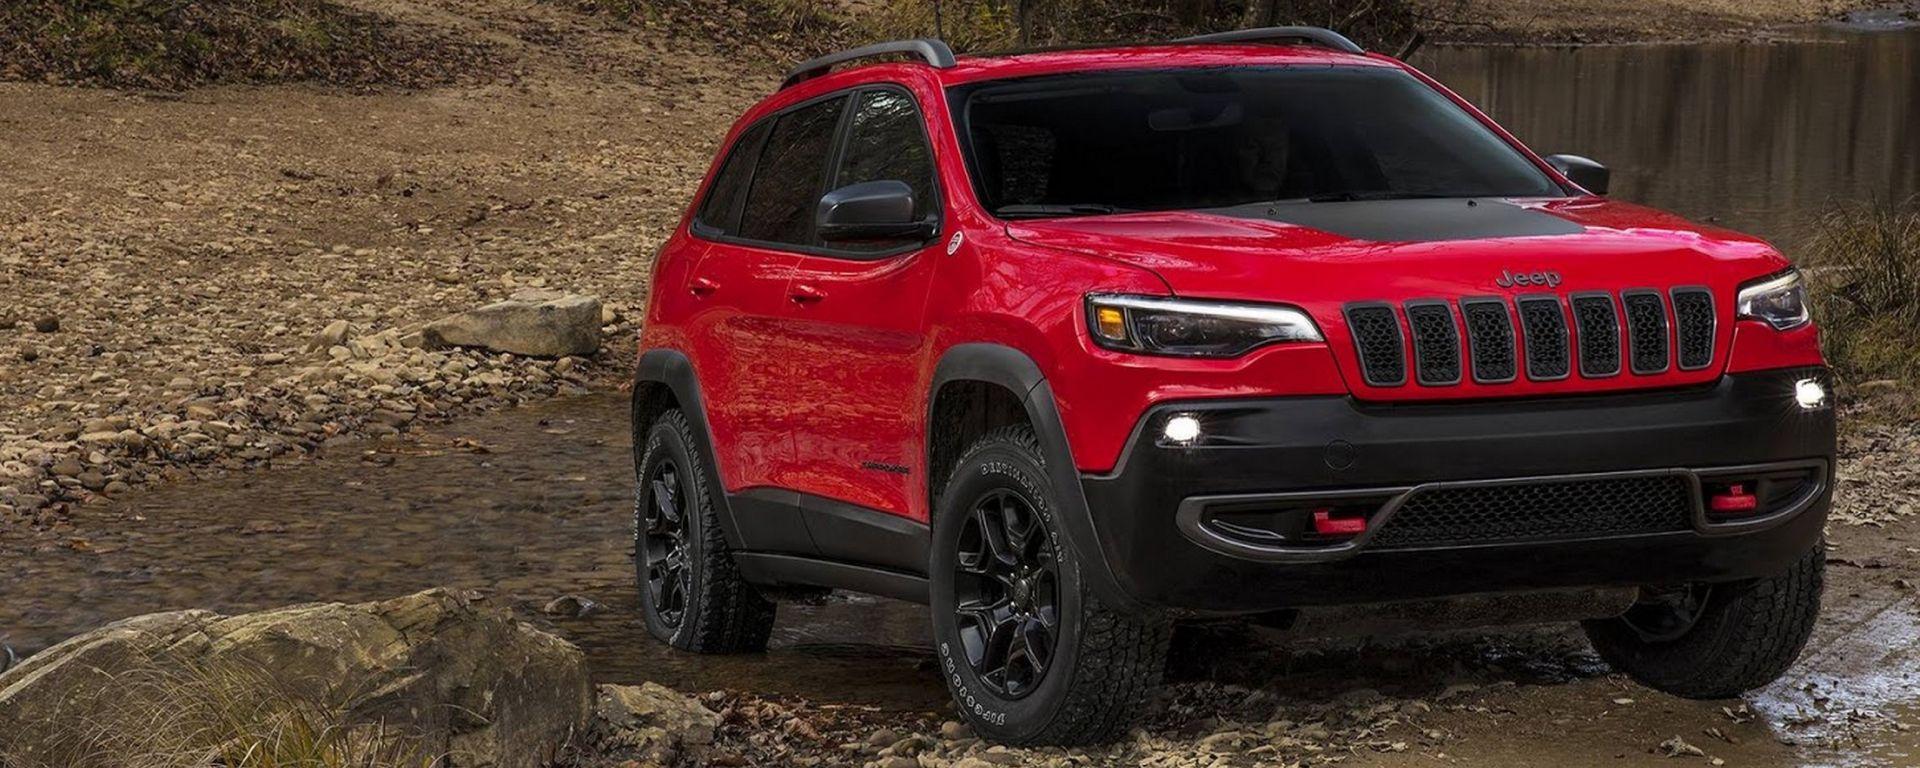 Anteprima nuova Jeep Cherokee 2018: foto, caratteristiche ...